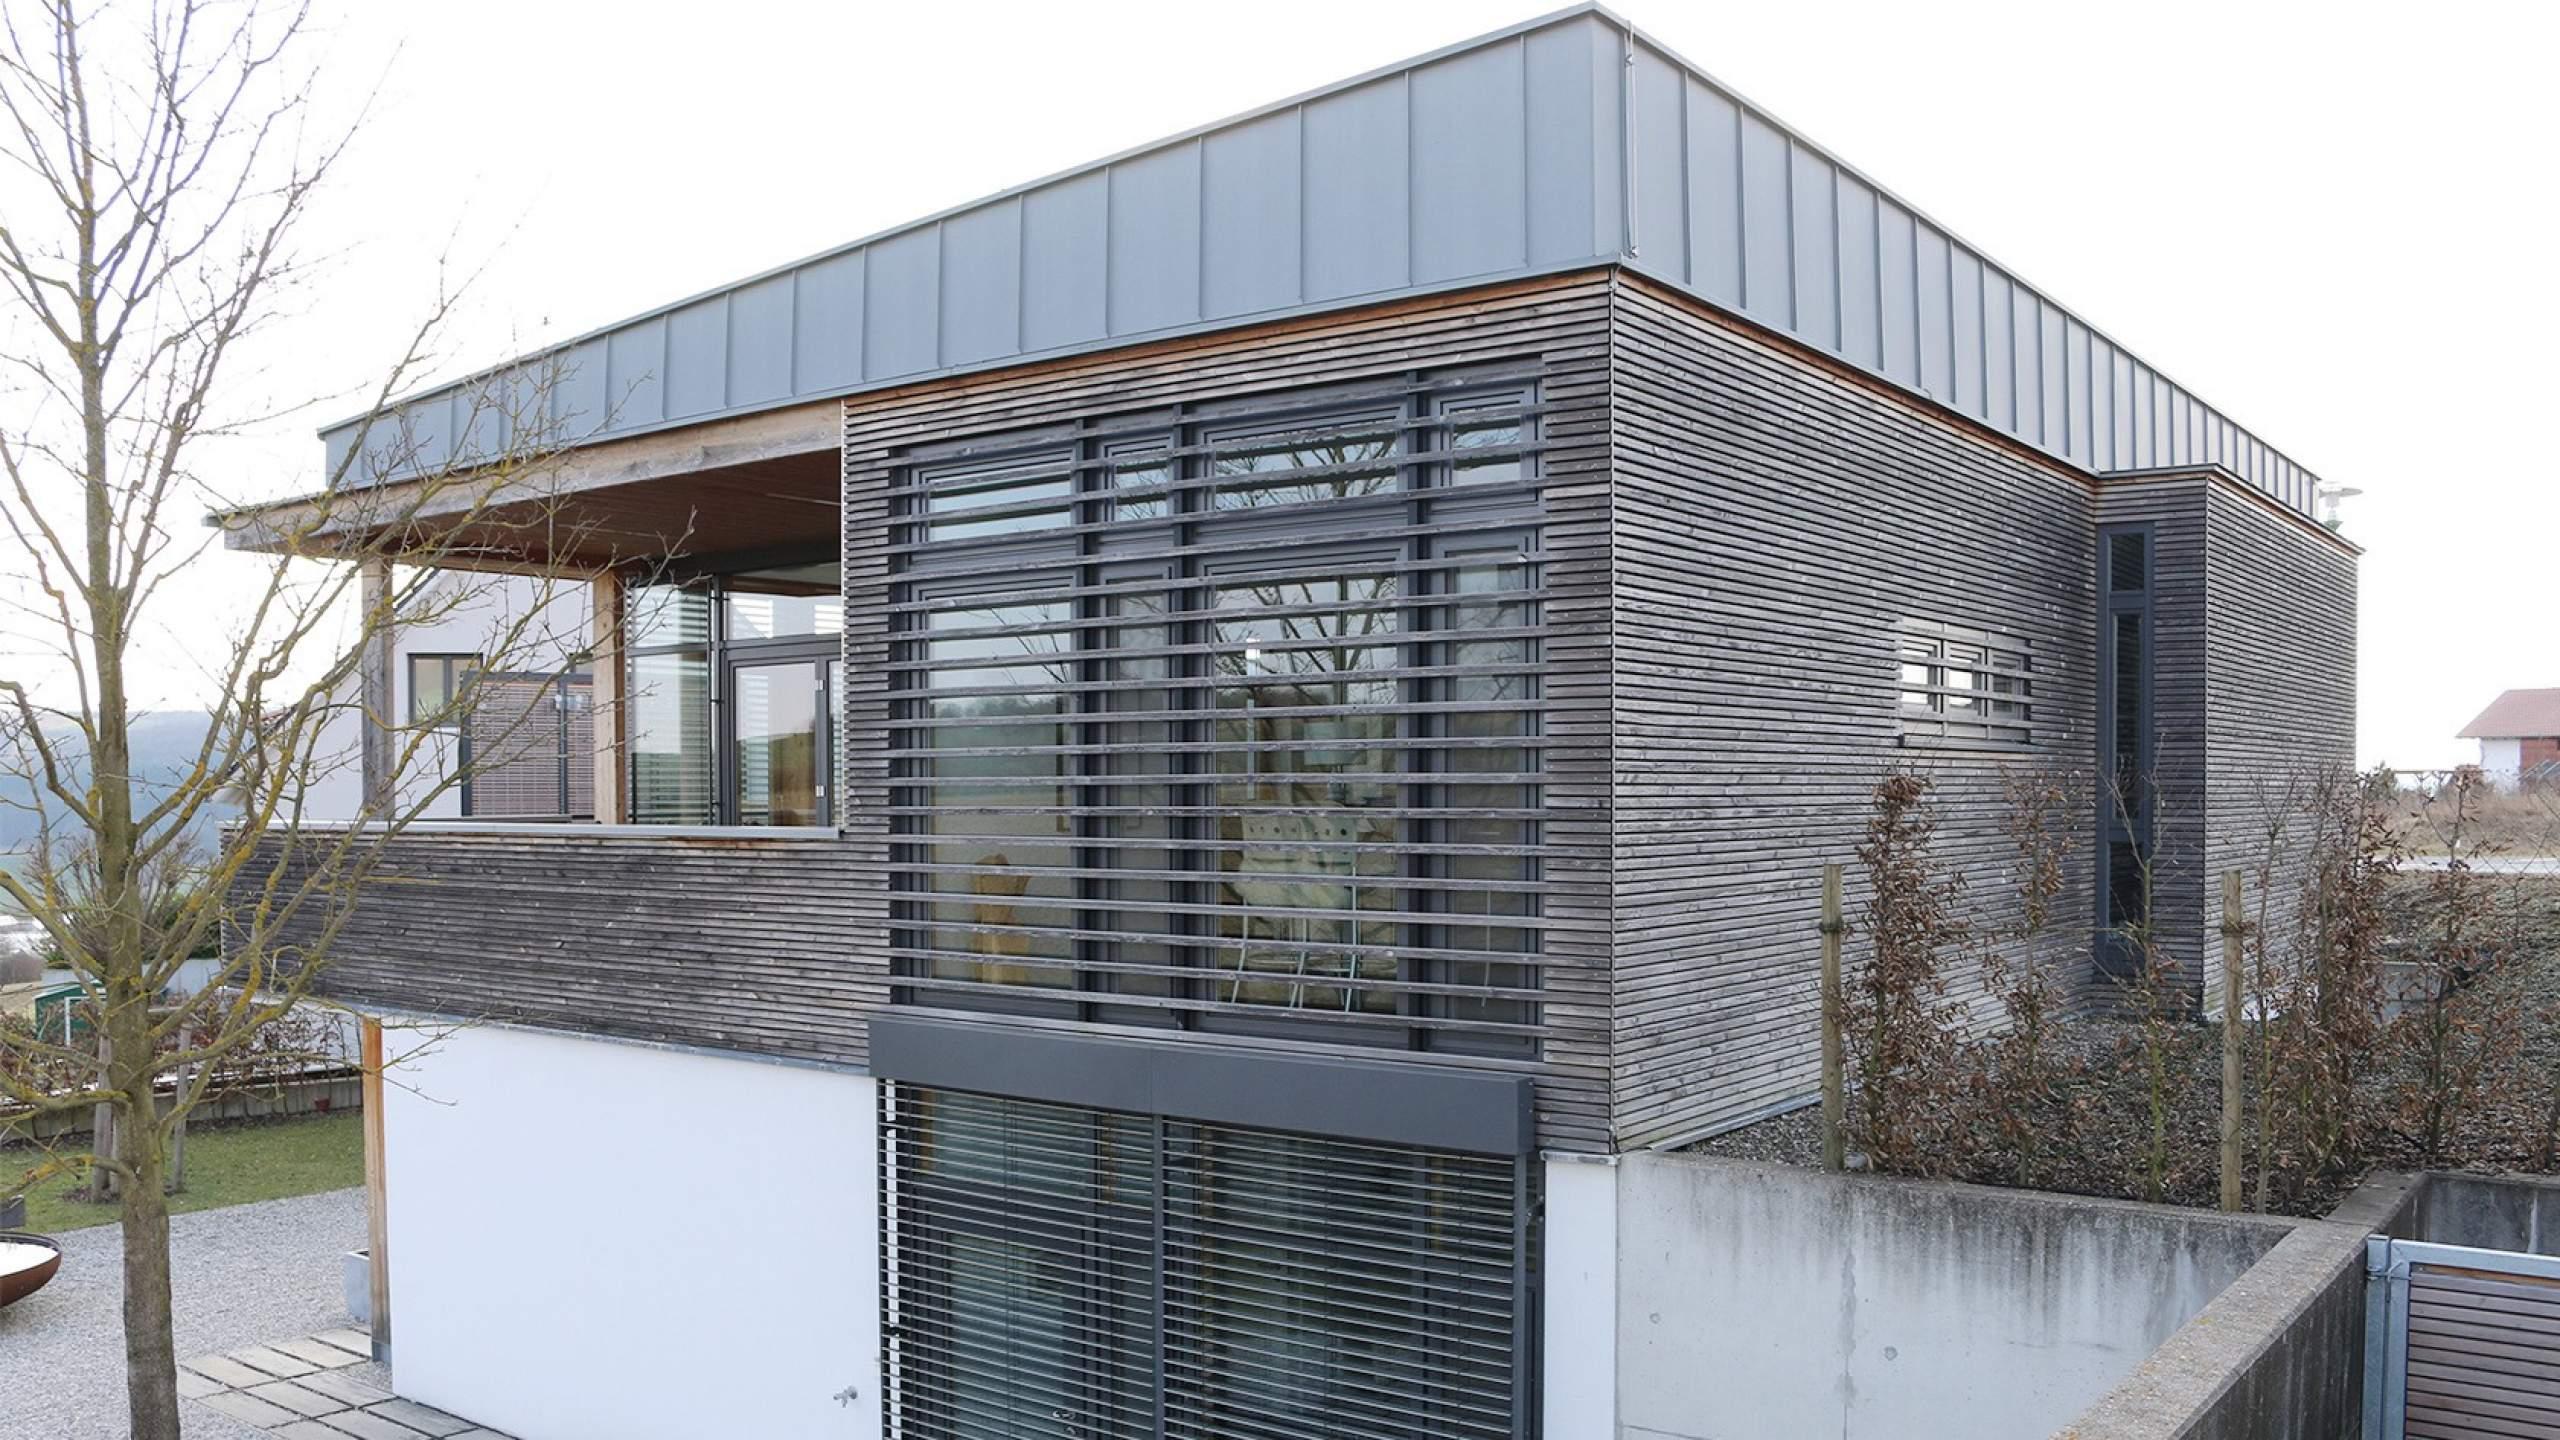 Einfamilienwohnhaus mit Holzleisten-Fassade Seitenansicht